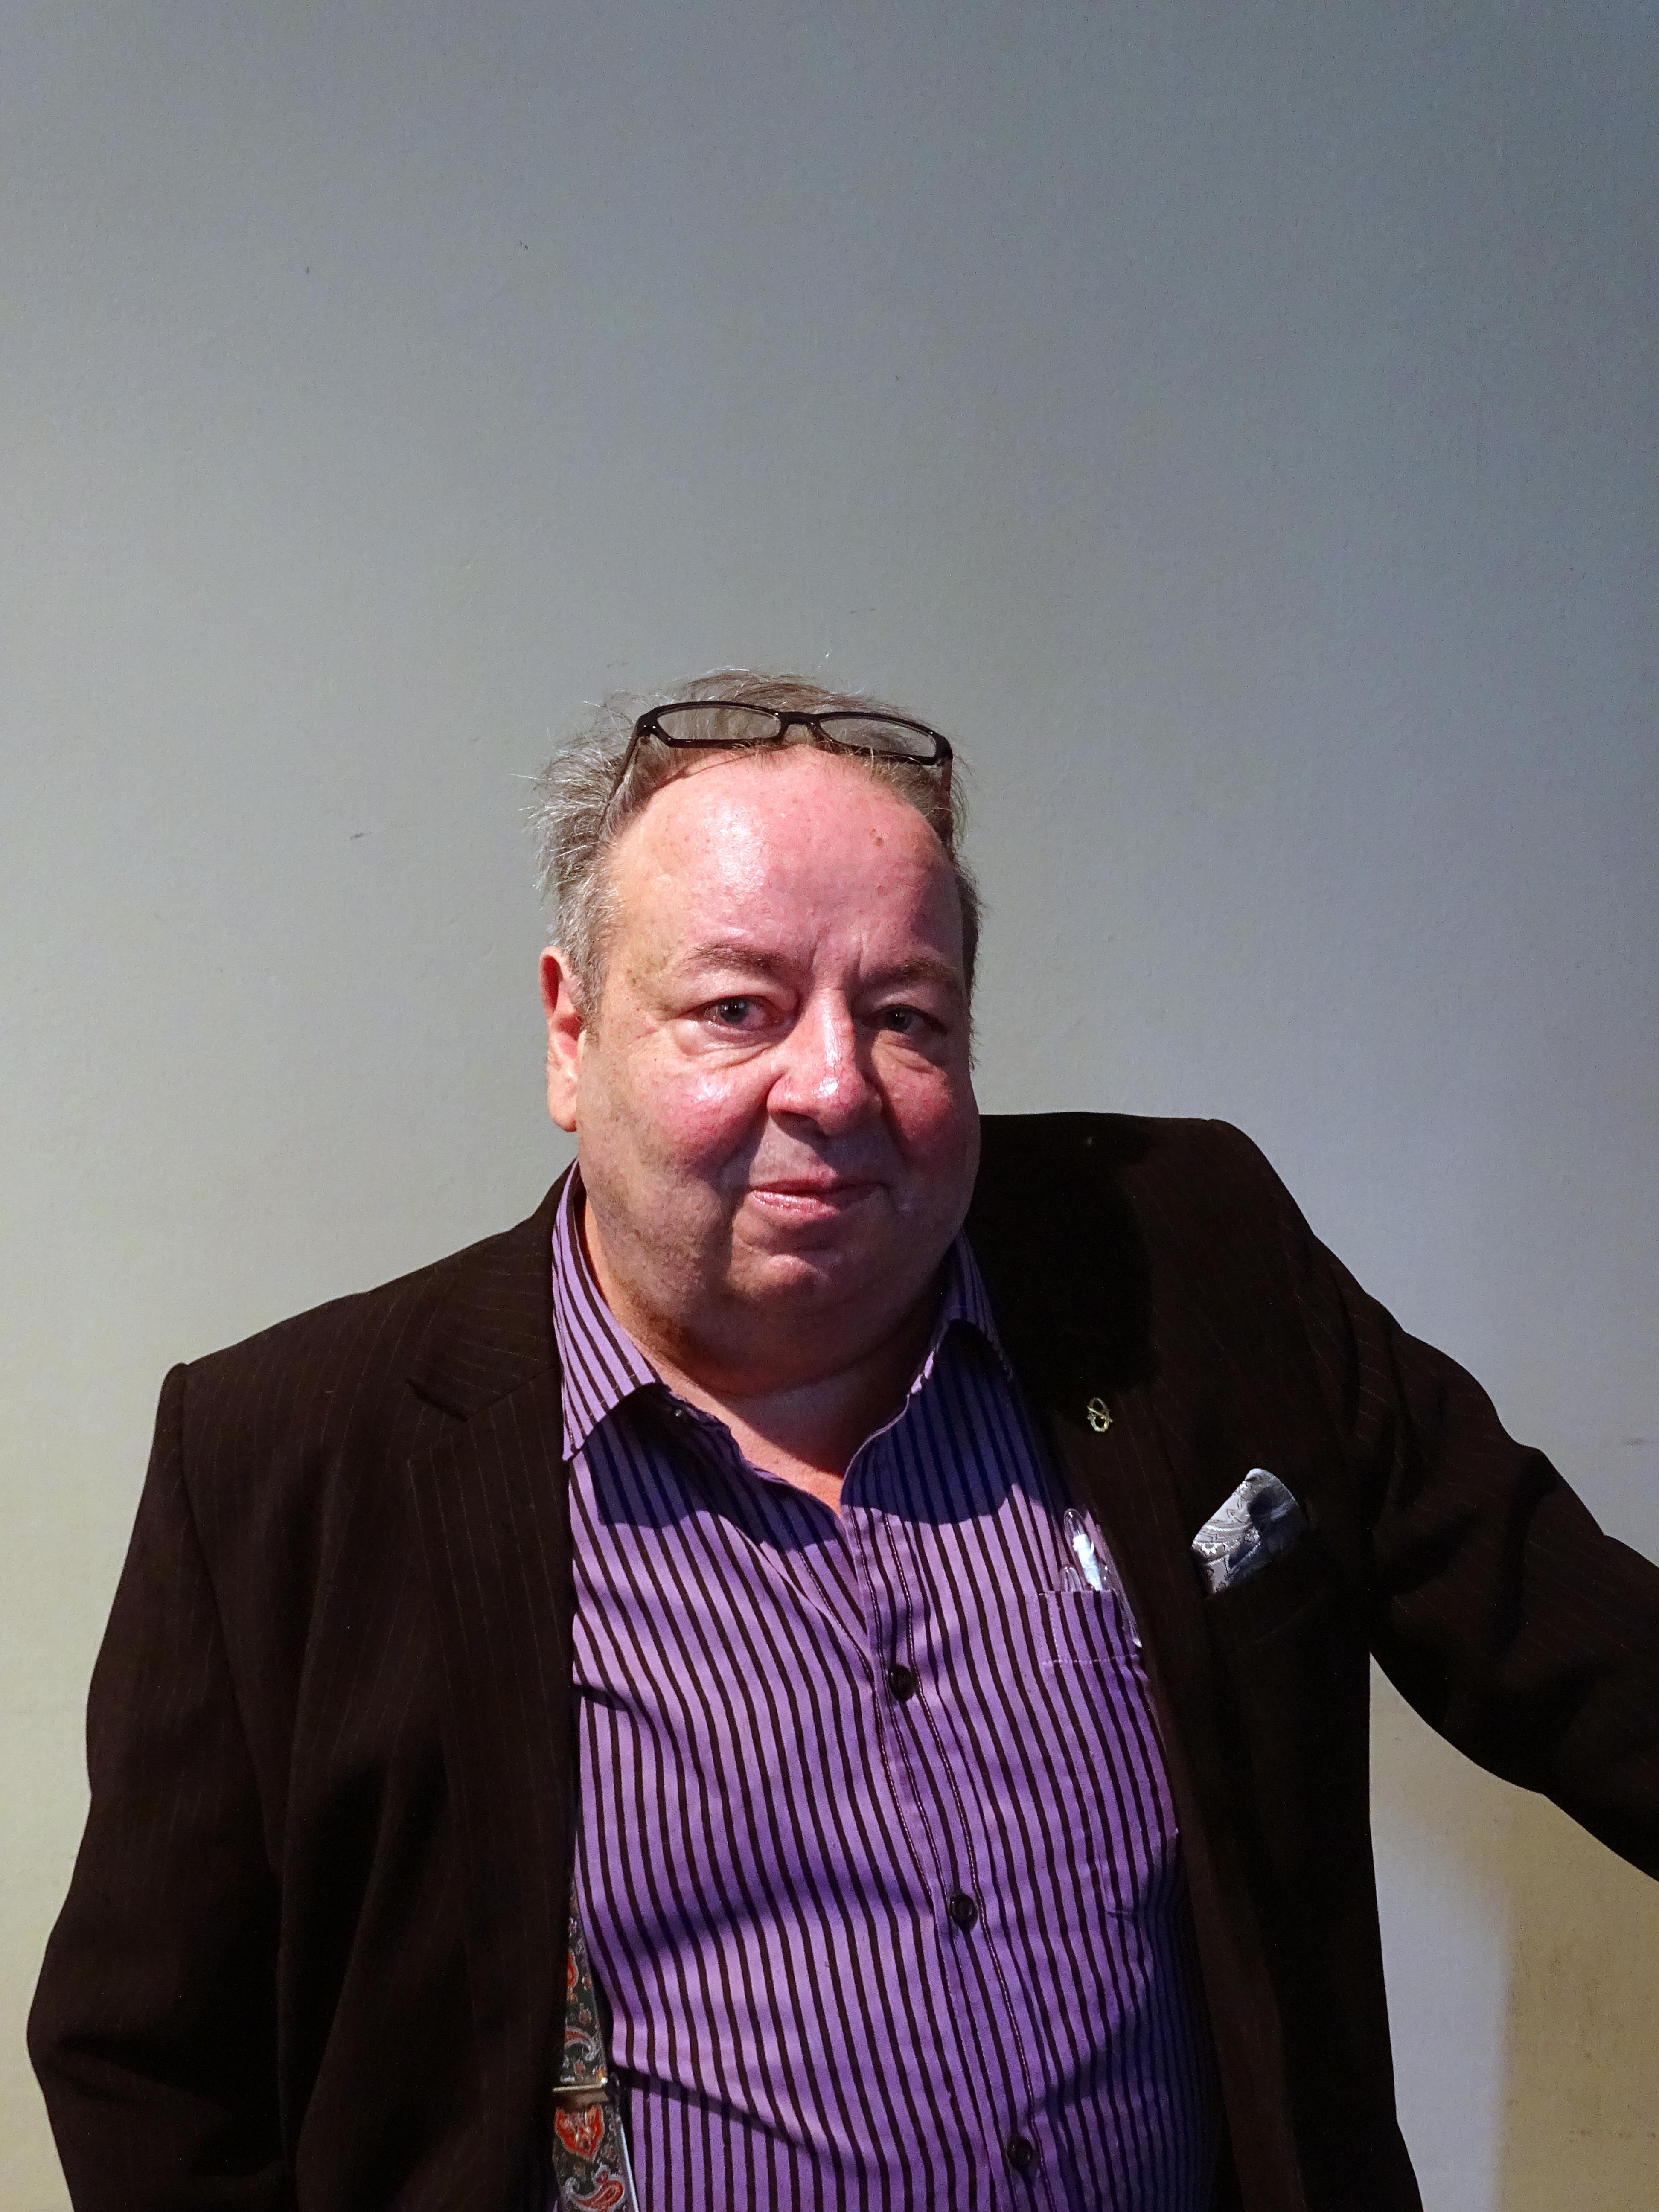 Heikki Haapavaara